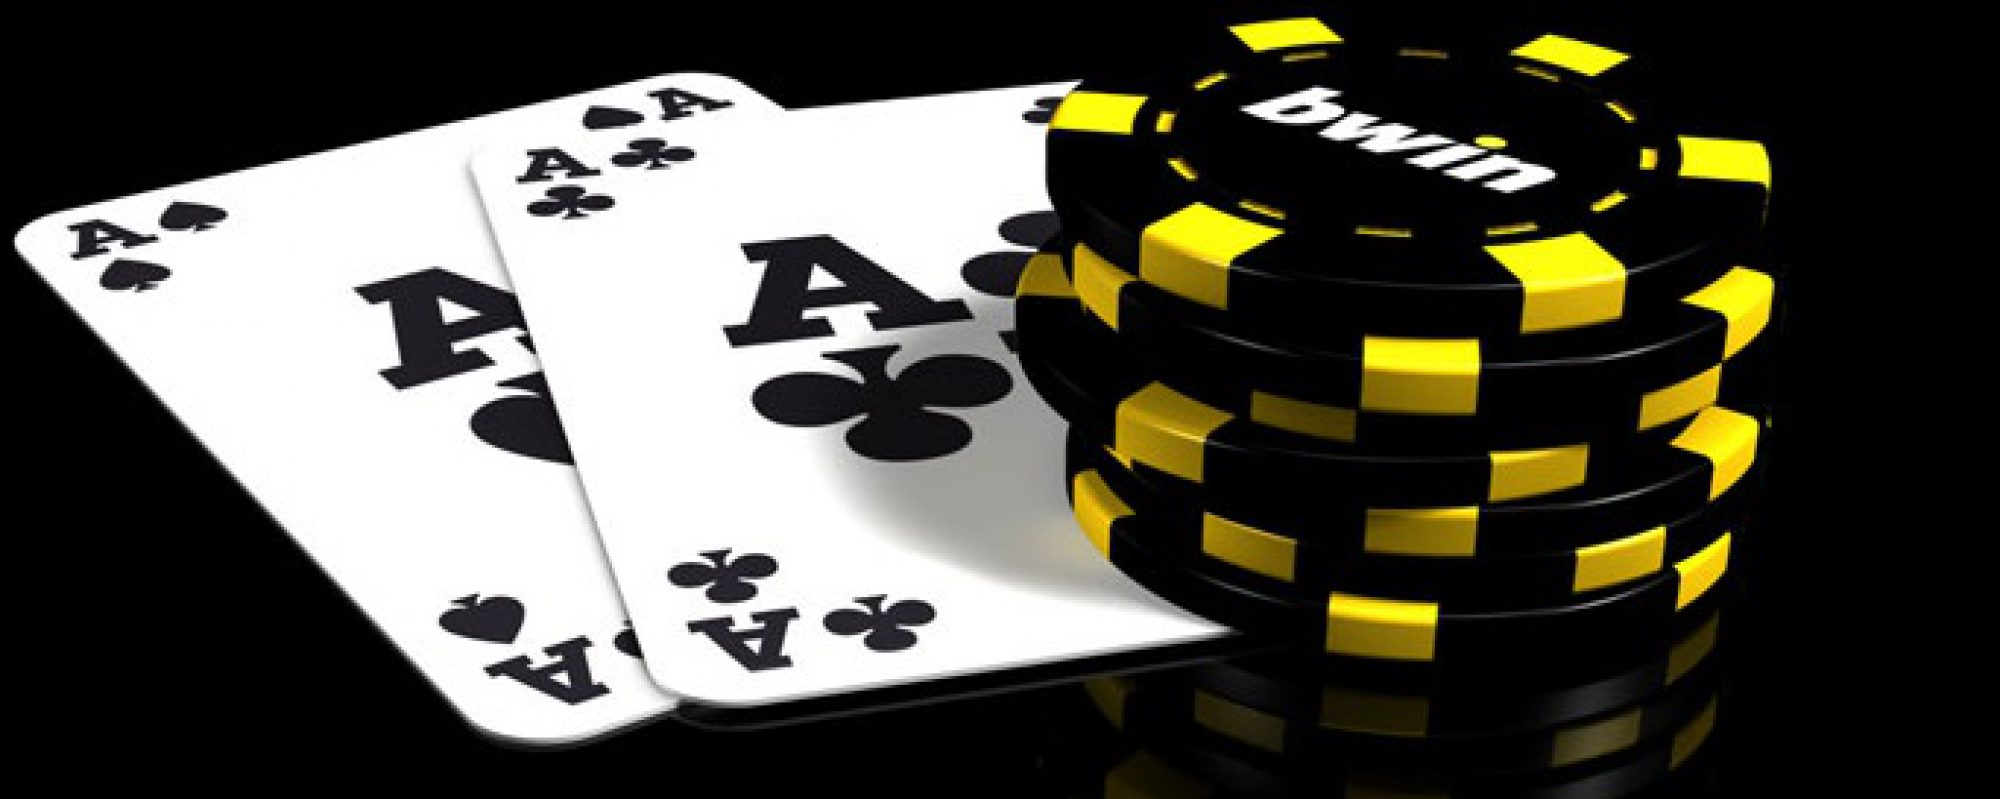 Online poker Exposed